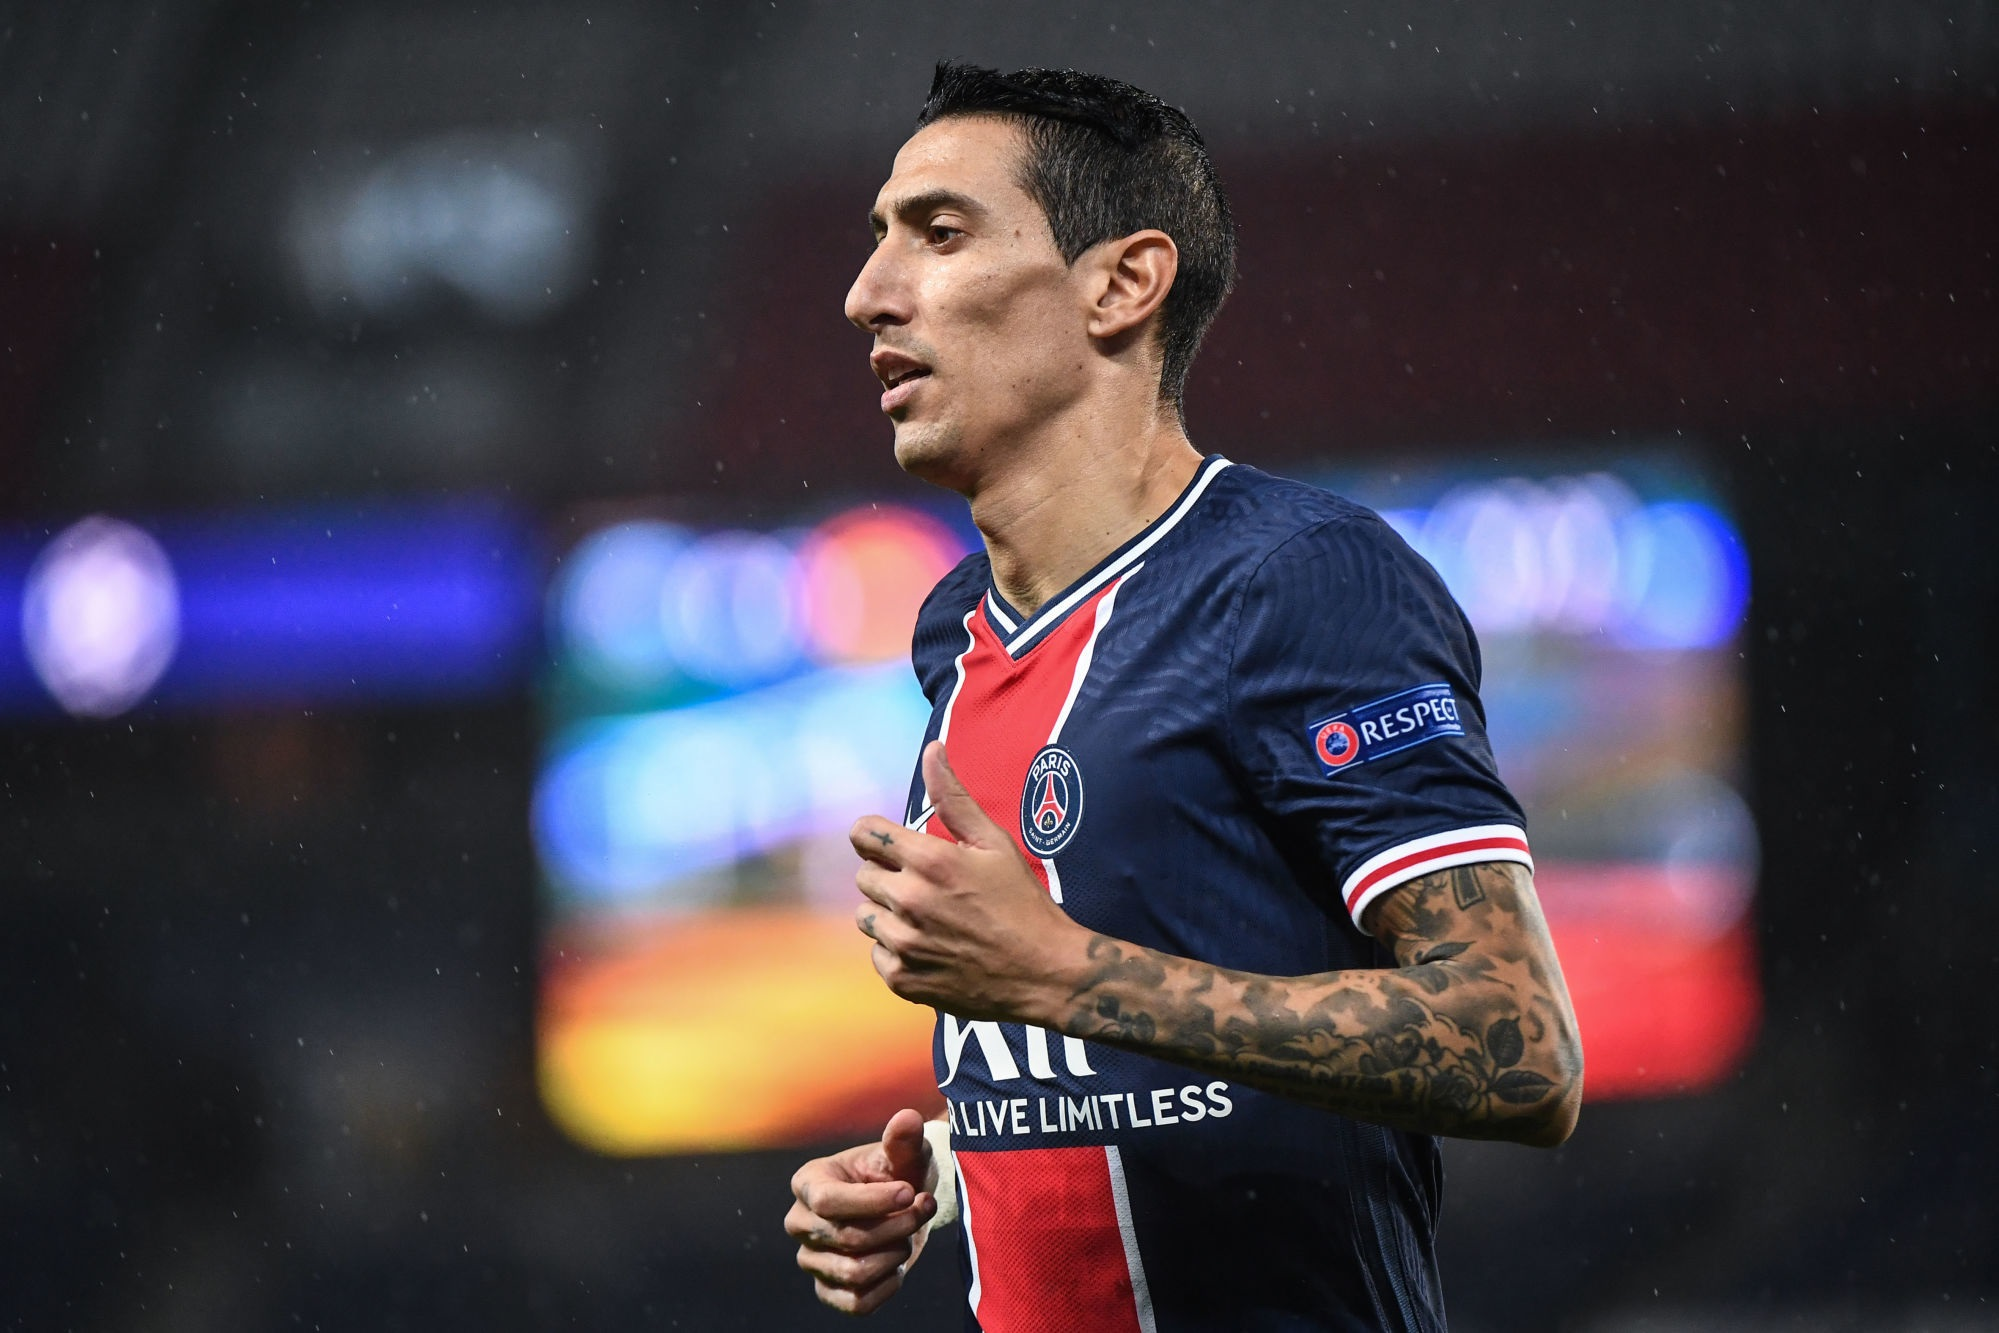 Di Maria est le joueur de Ligue 1 qui a le plus touché les montants depuis 2016